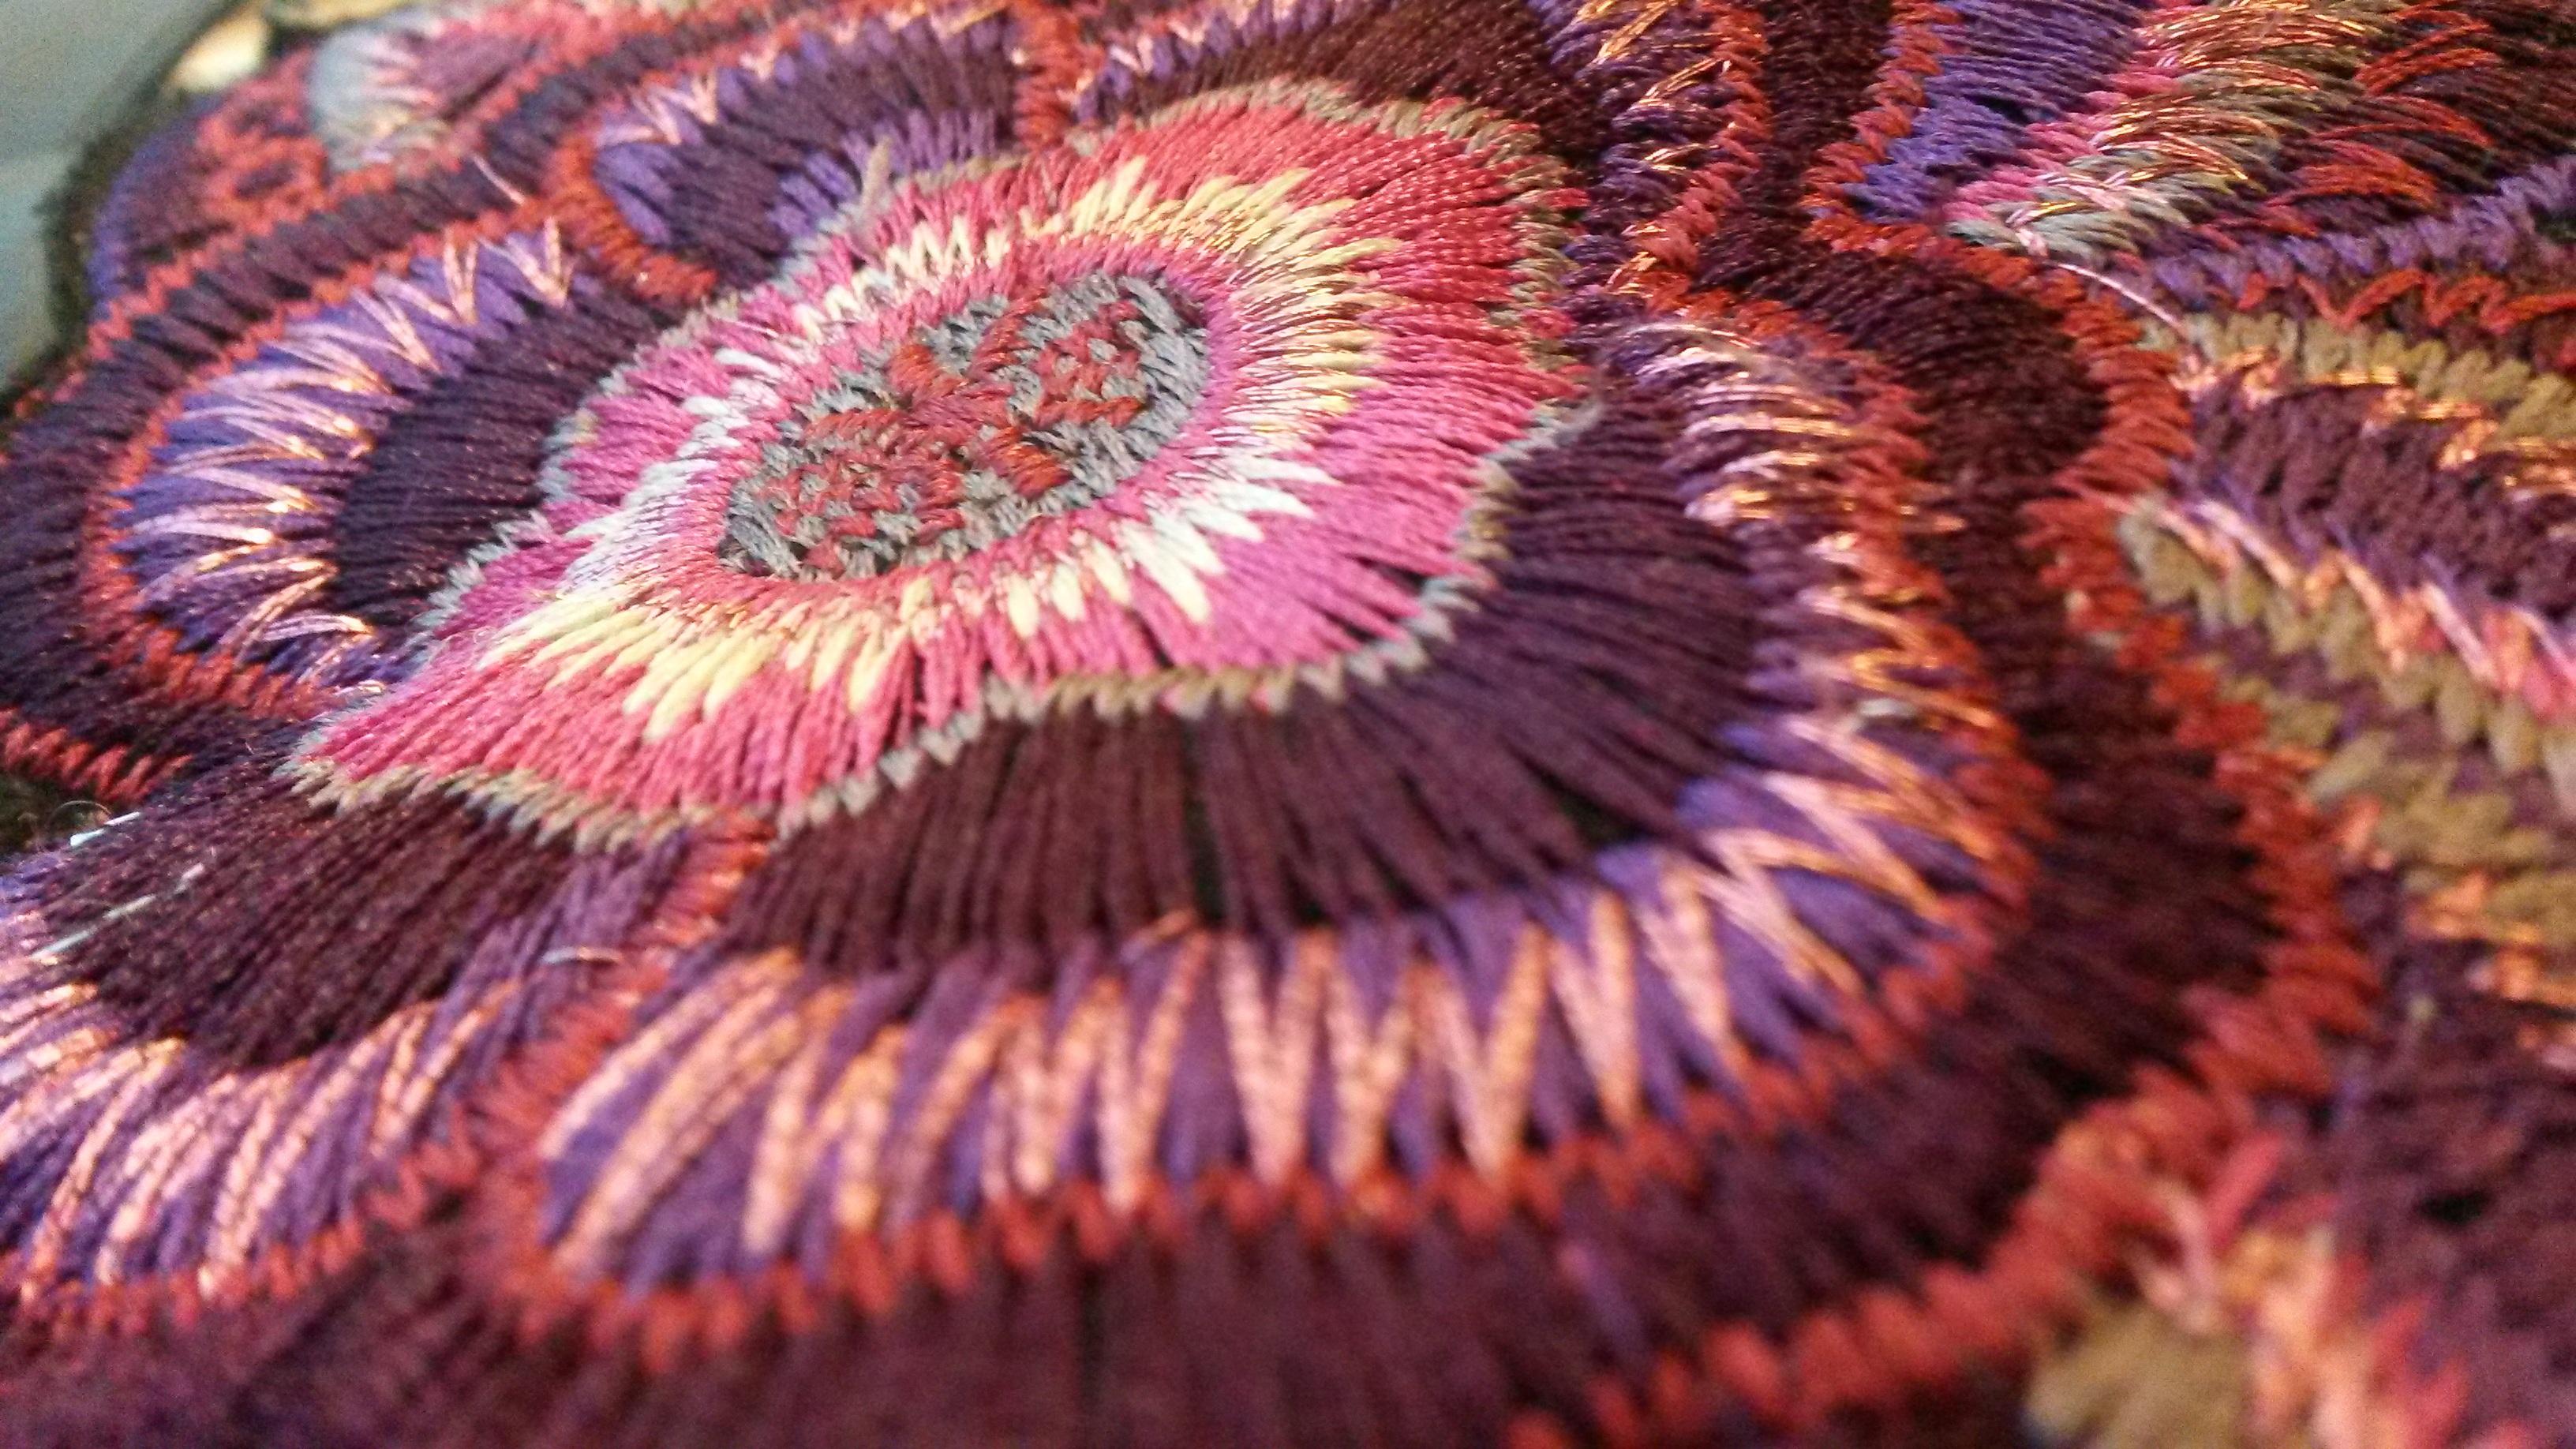 Fotos gratis : abstracto, flor, decoración, patrón, coral, ornamento ...